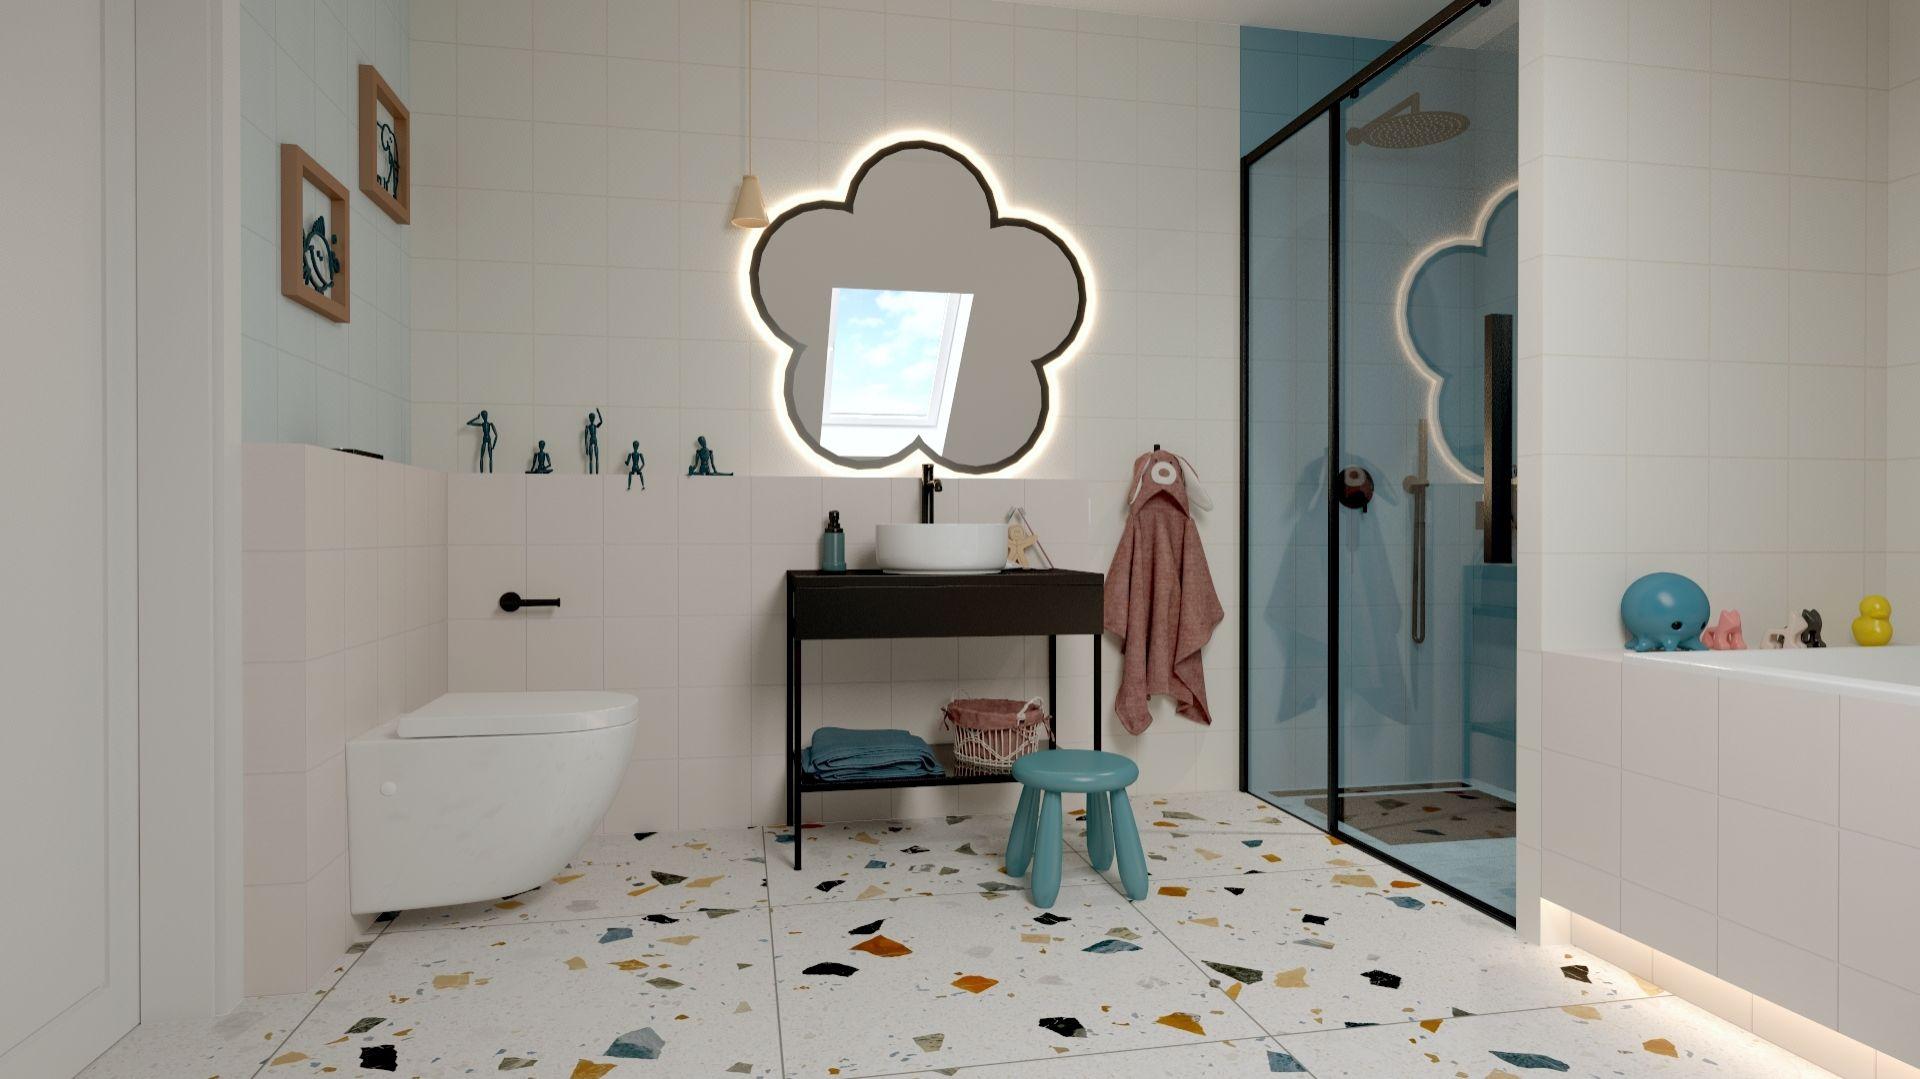 W łazience zastosowano jednobarwne płytki w różnych odcieniach, a jedynym wyrazistym elementem jest tu podłoga. Taki zabieg sprawił, że pomieszczenie nie jest monotonne. Projekt i zdjęcia: ATOM Projekty Wnętrz